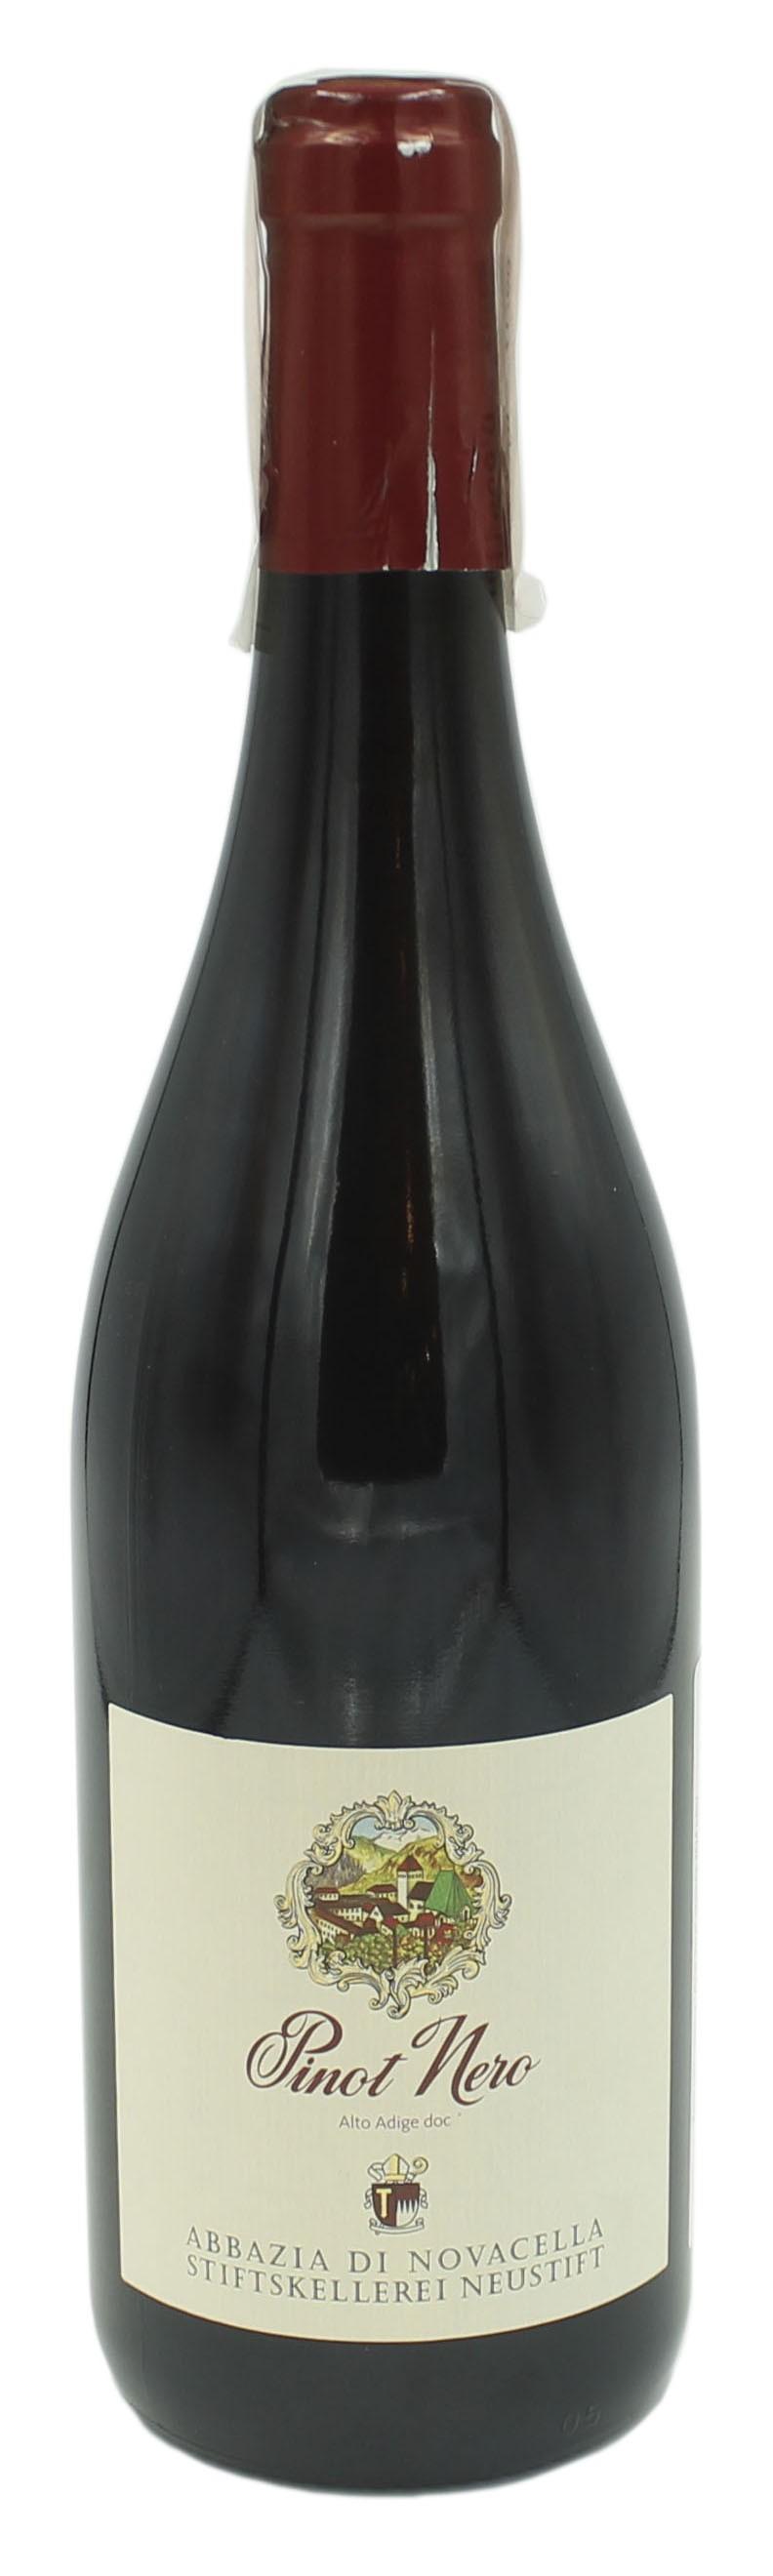 Abbazia di Novacella Pinot Nero фото